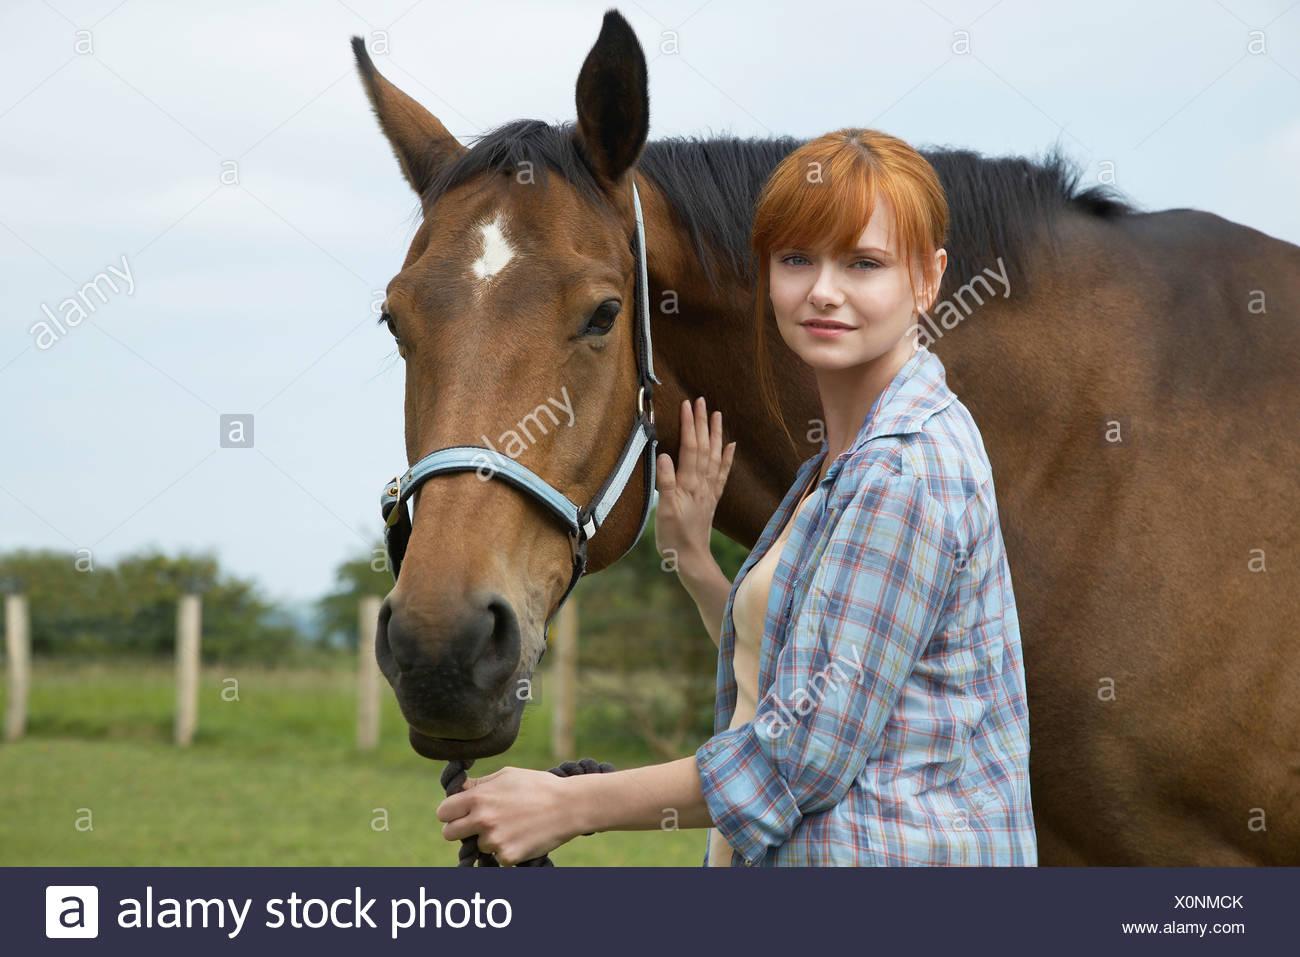 La mujer a caballo en el campo, Retrato Foto de stock